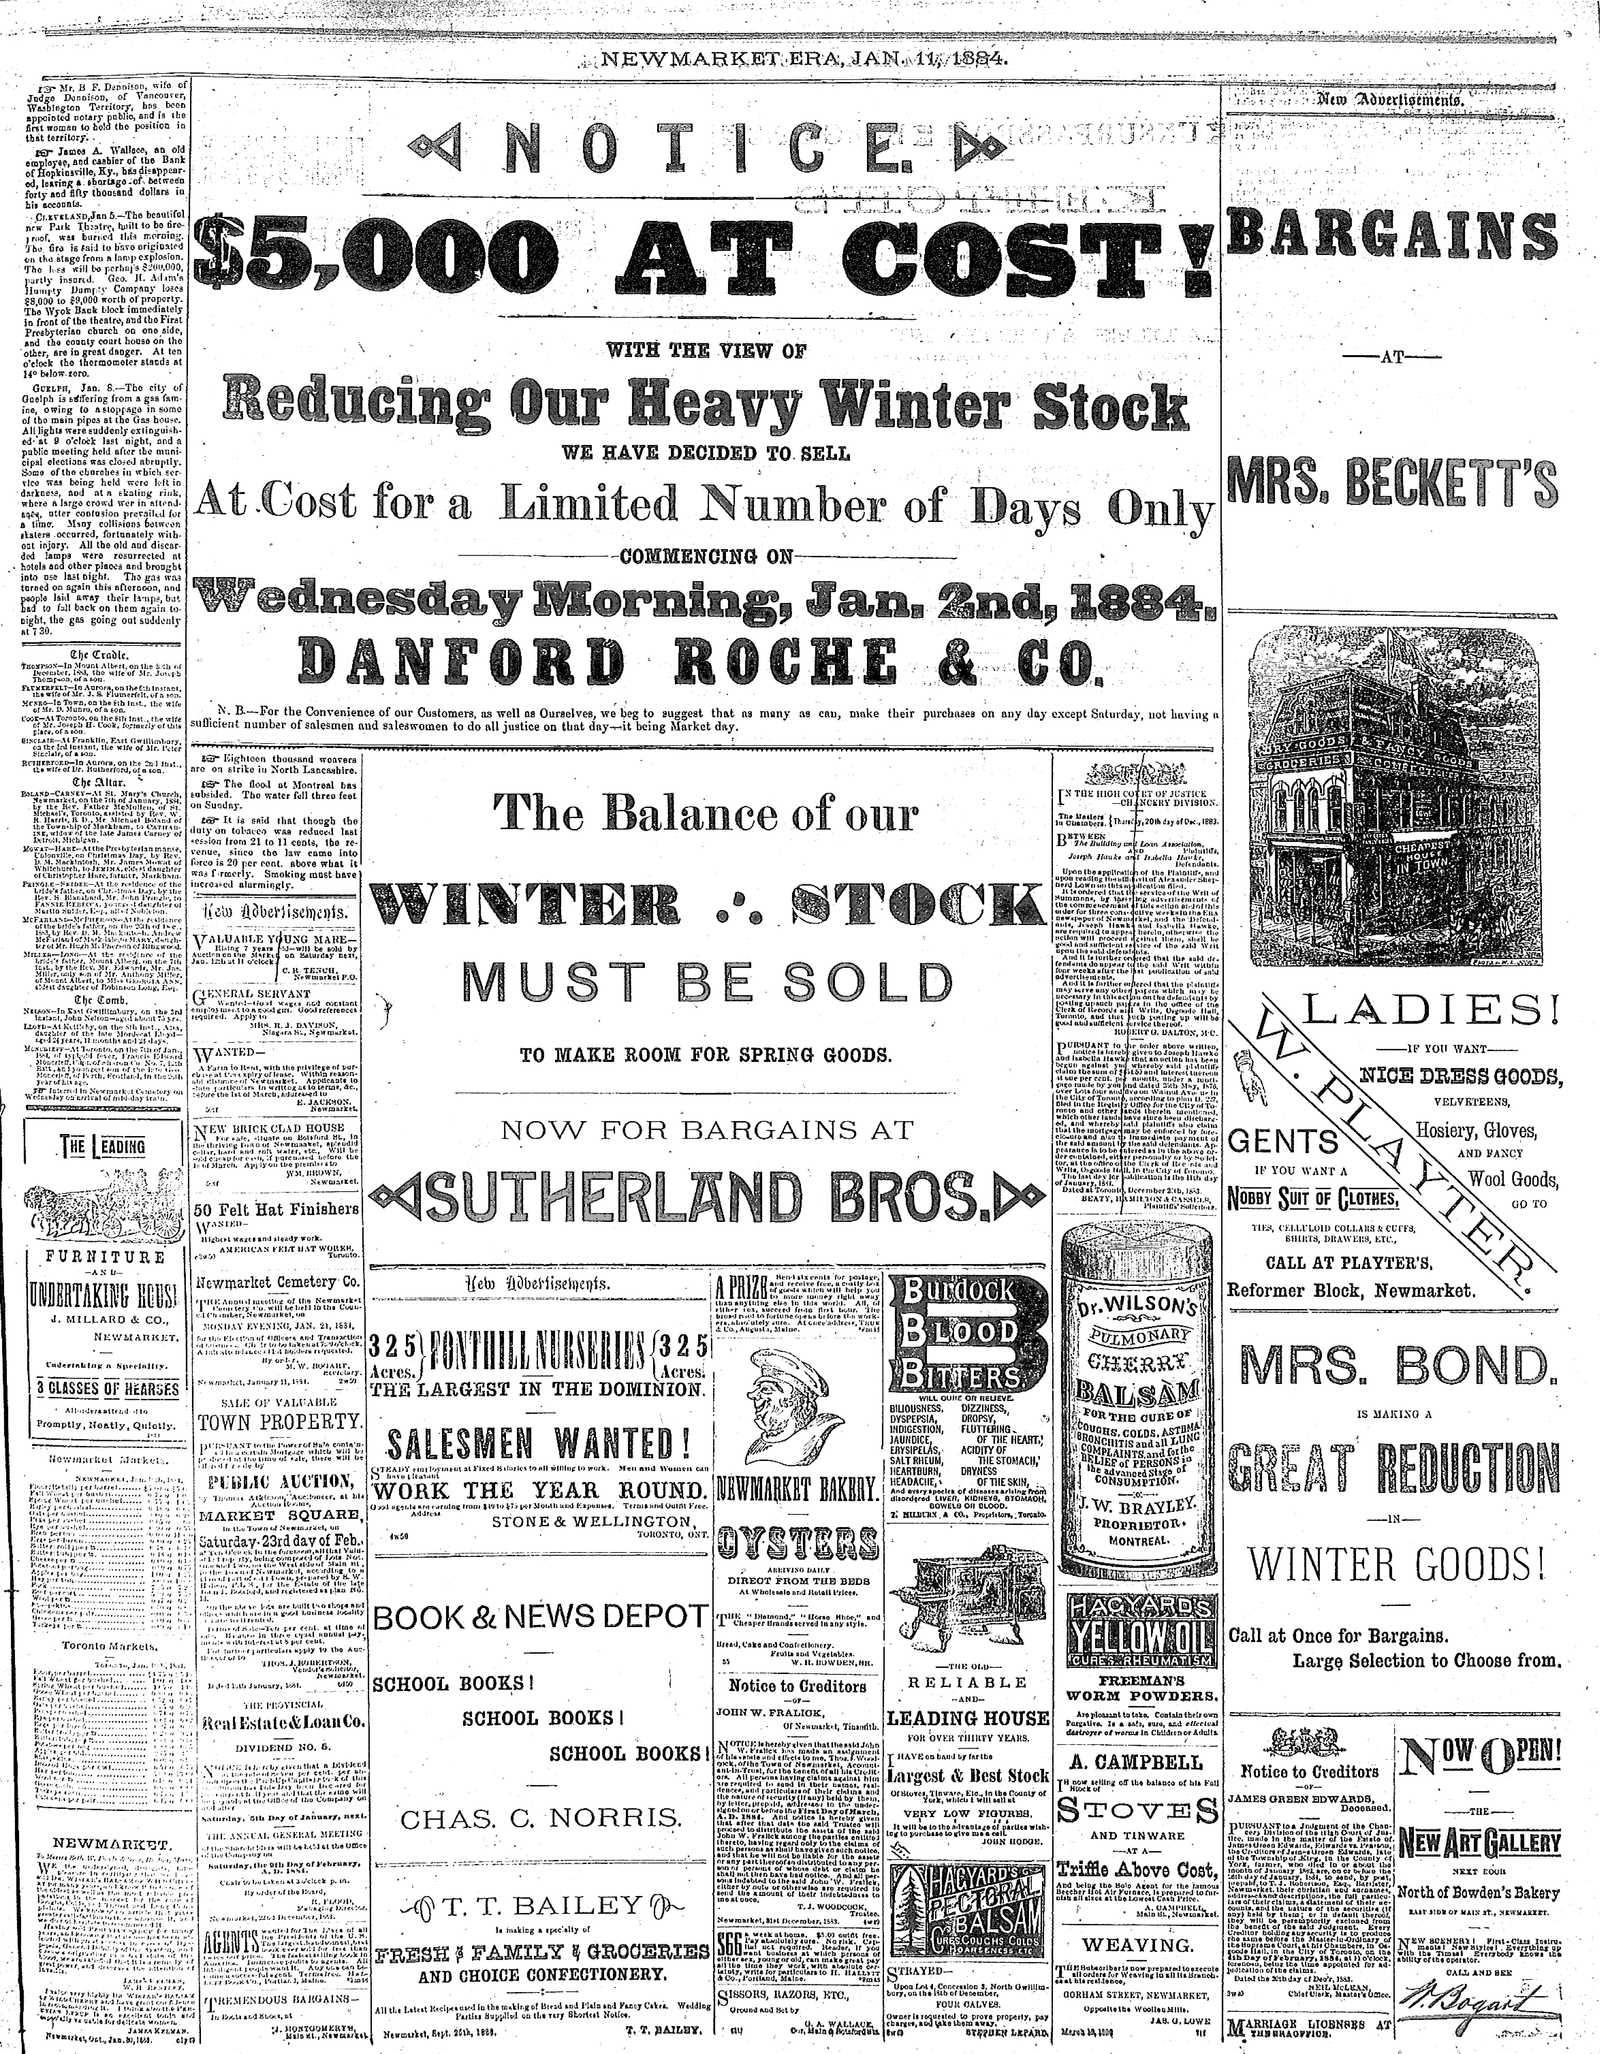 Newmarket Era (Newmarket, ON1861), January 11, 1884